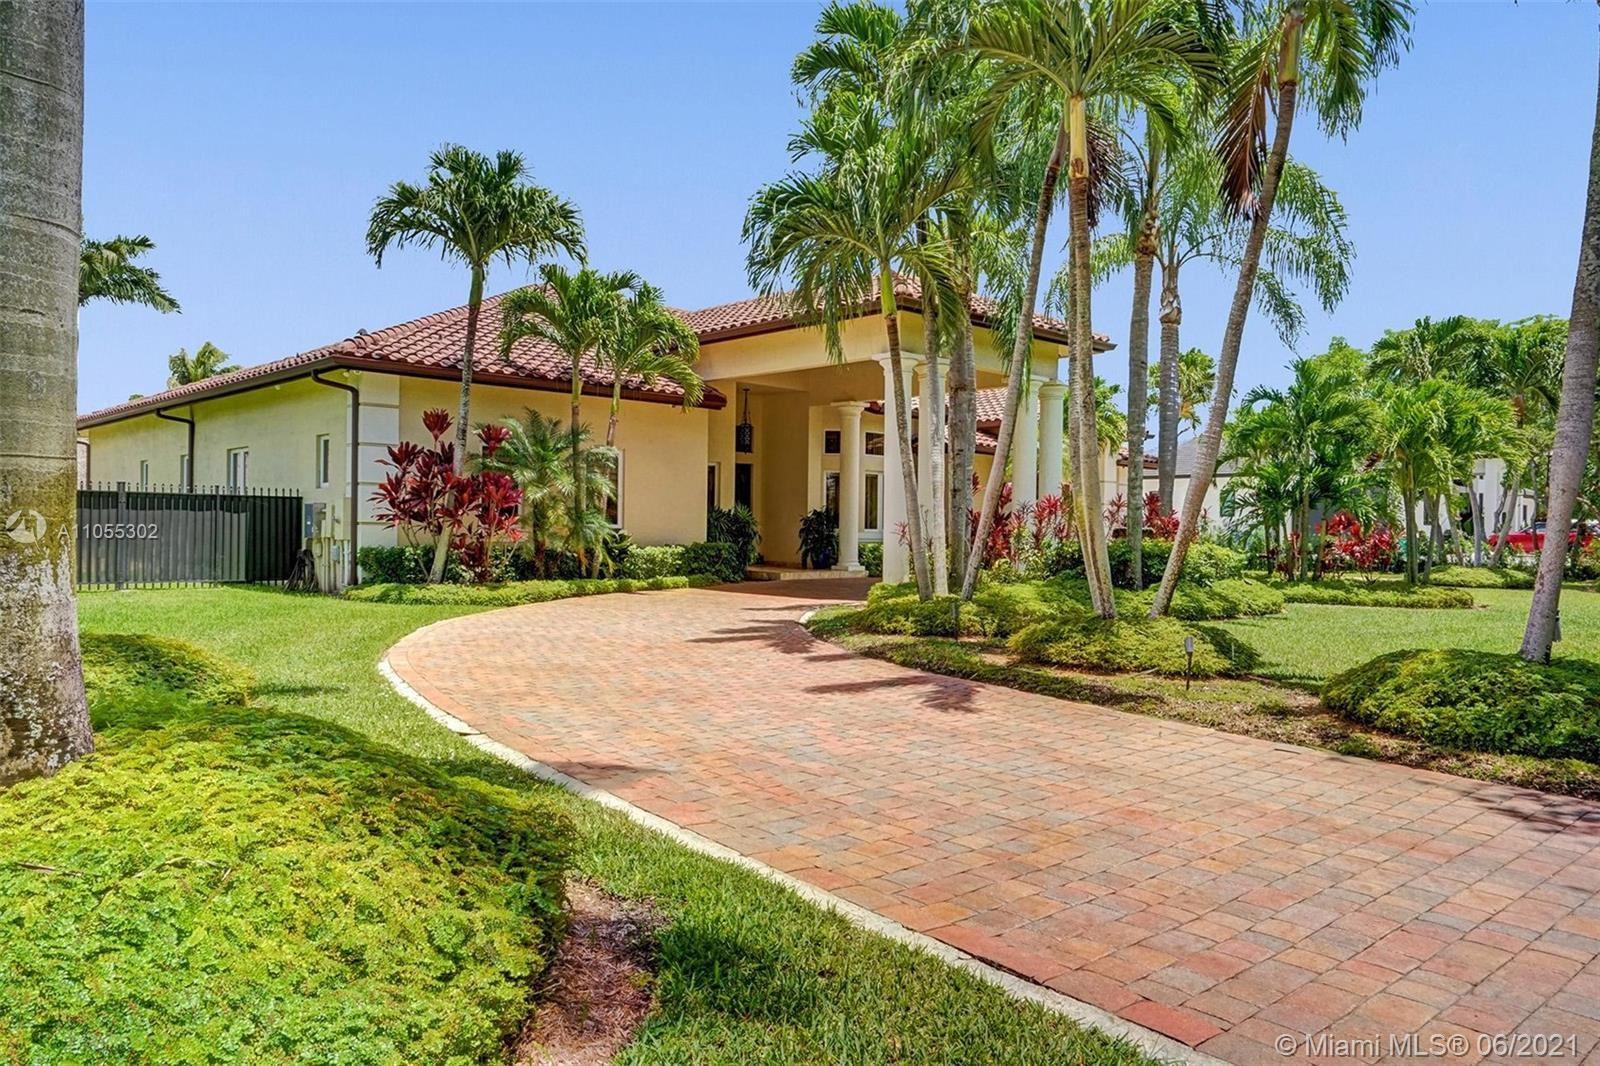 9855 SW 125th Ave, Miami, FL 33186 - #: A11055302